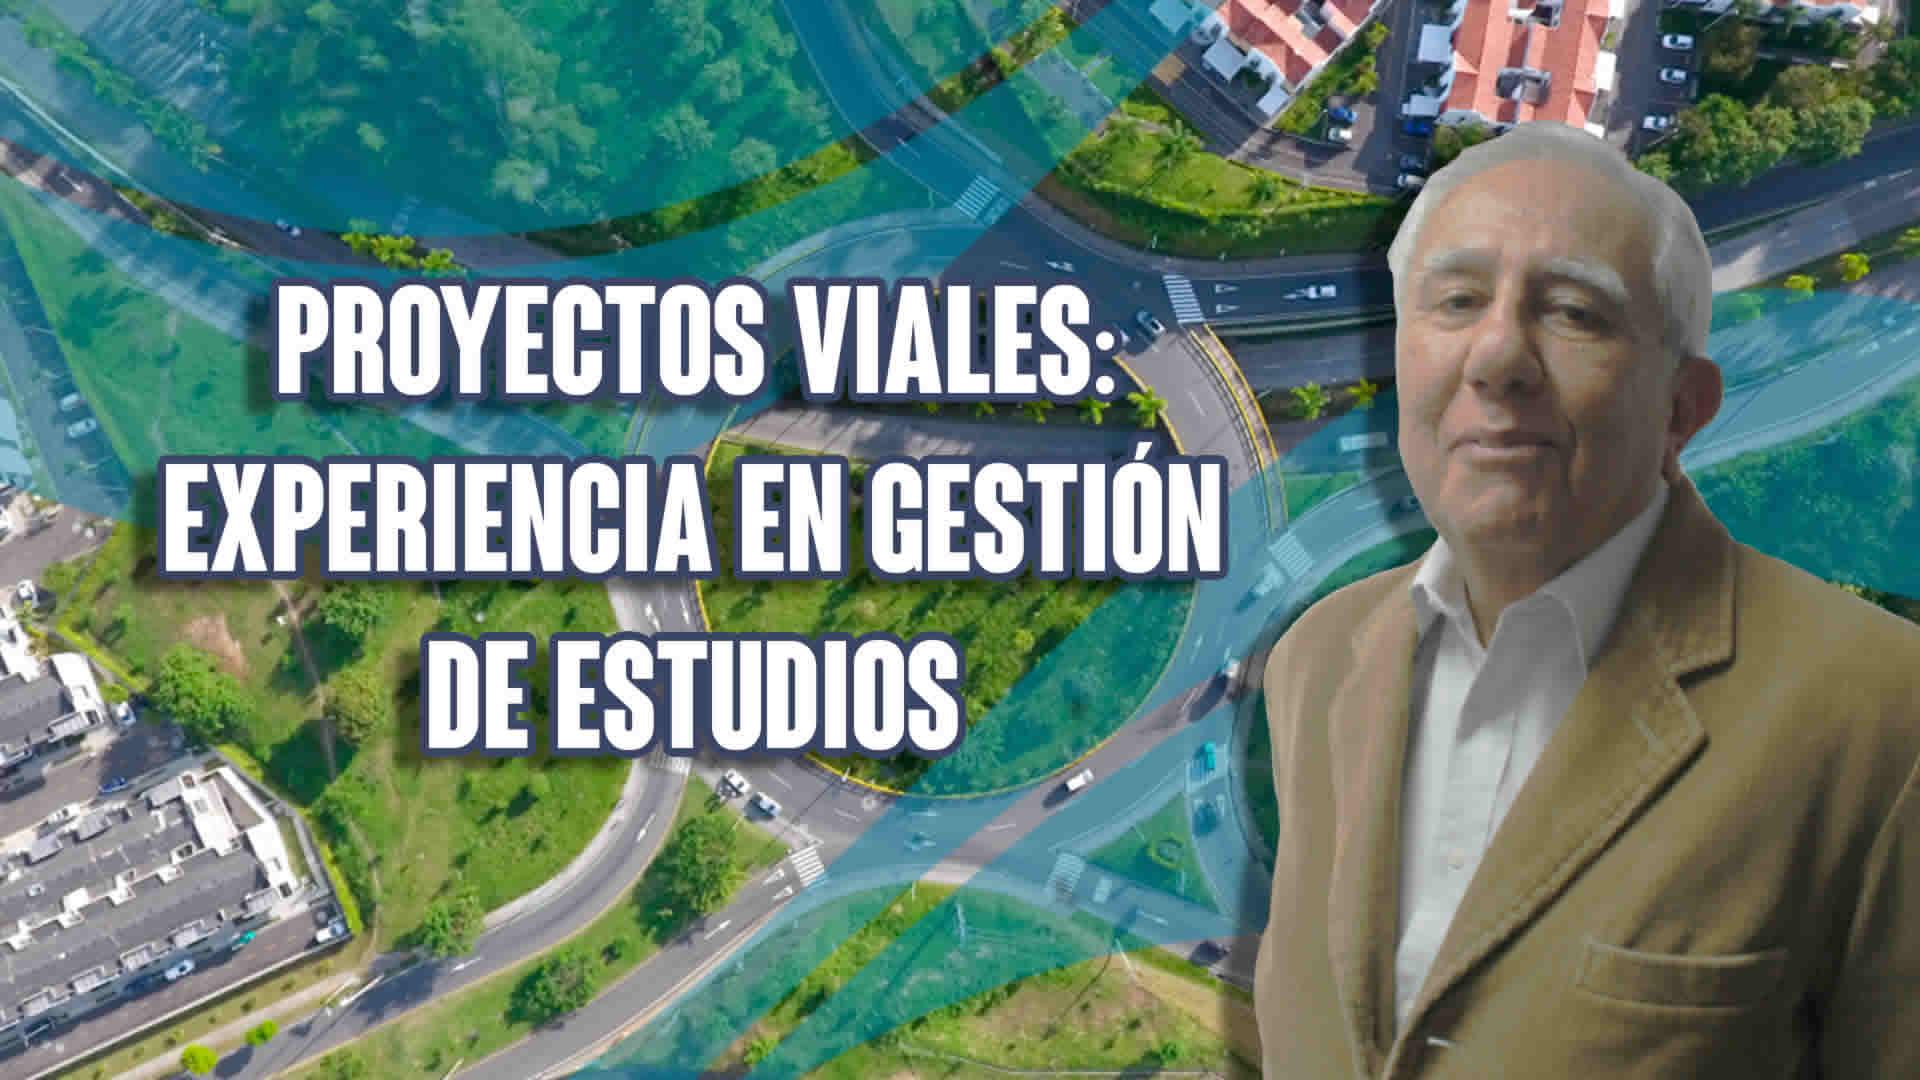 Proyectos viales: experiencia en gestión de estudios